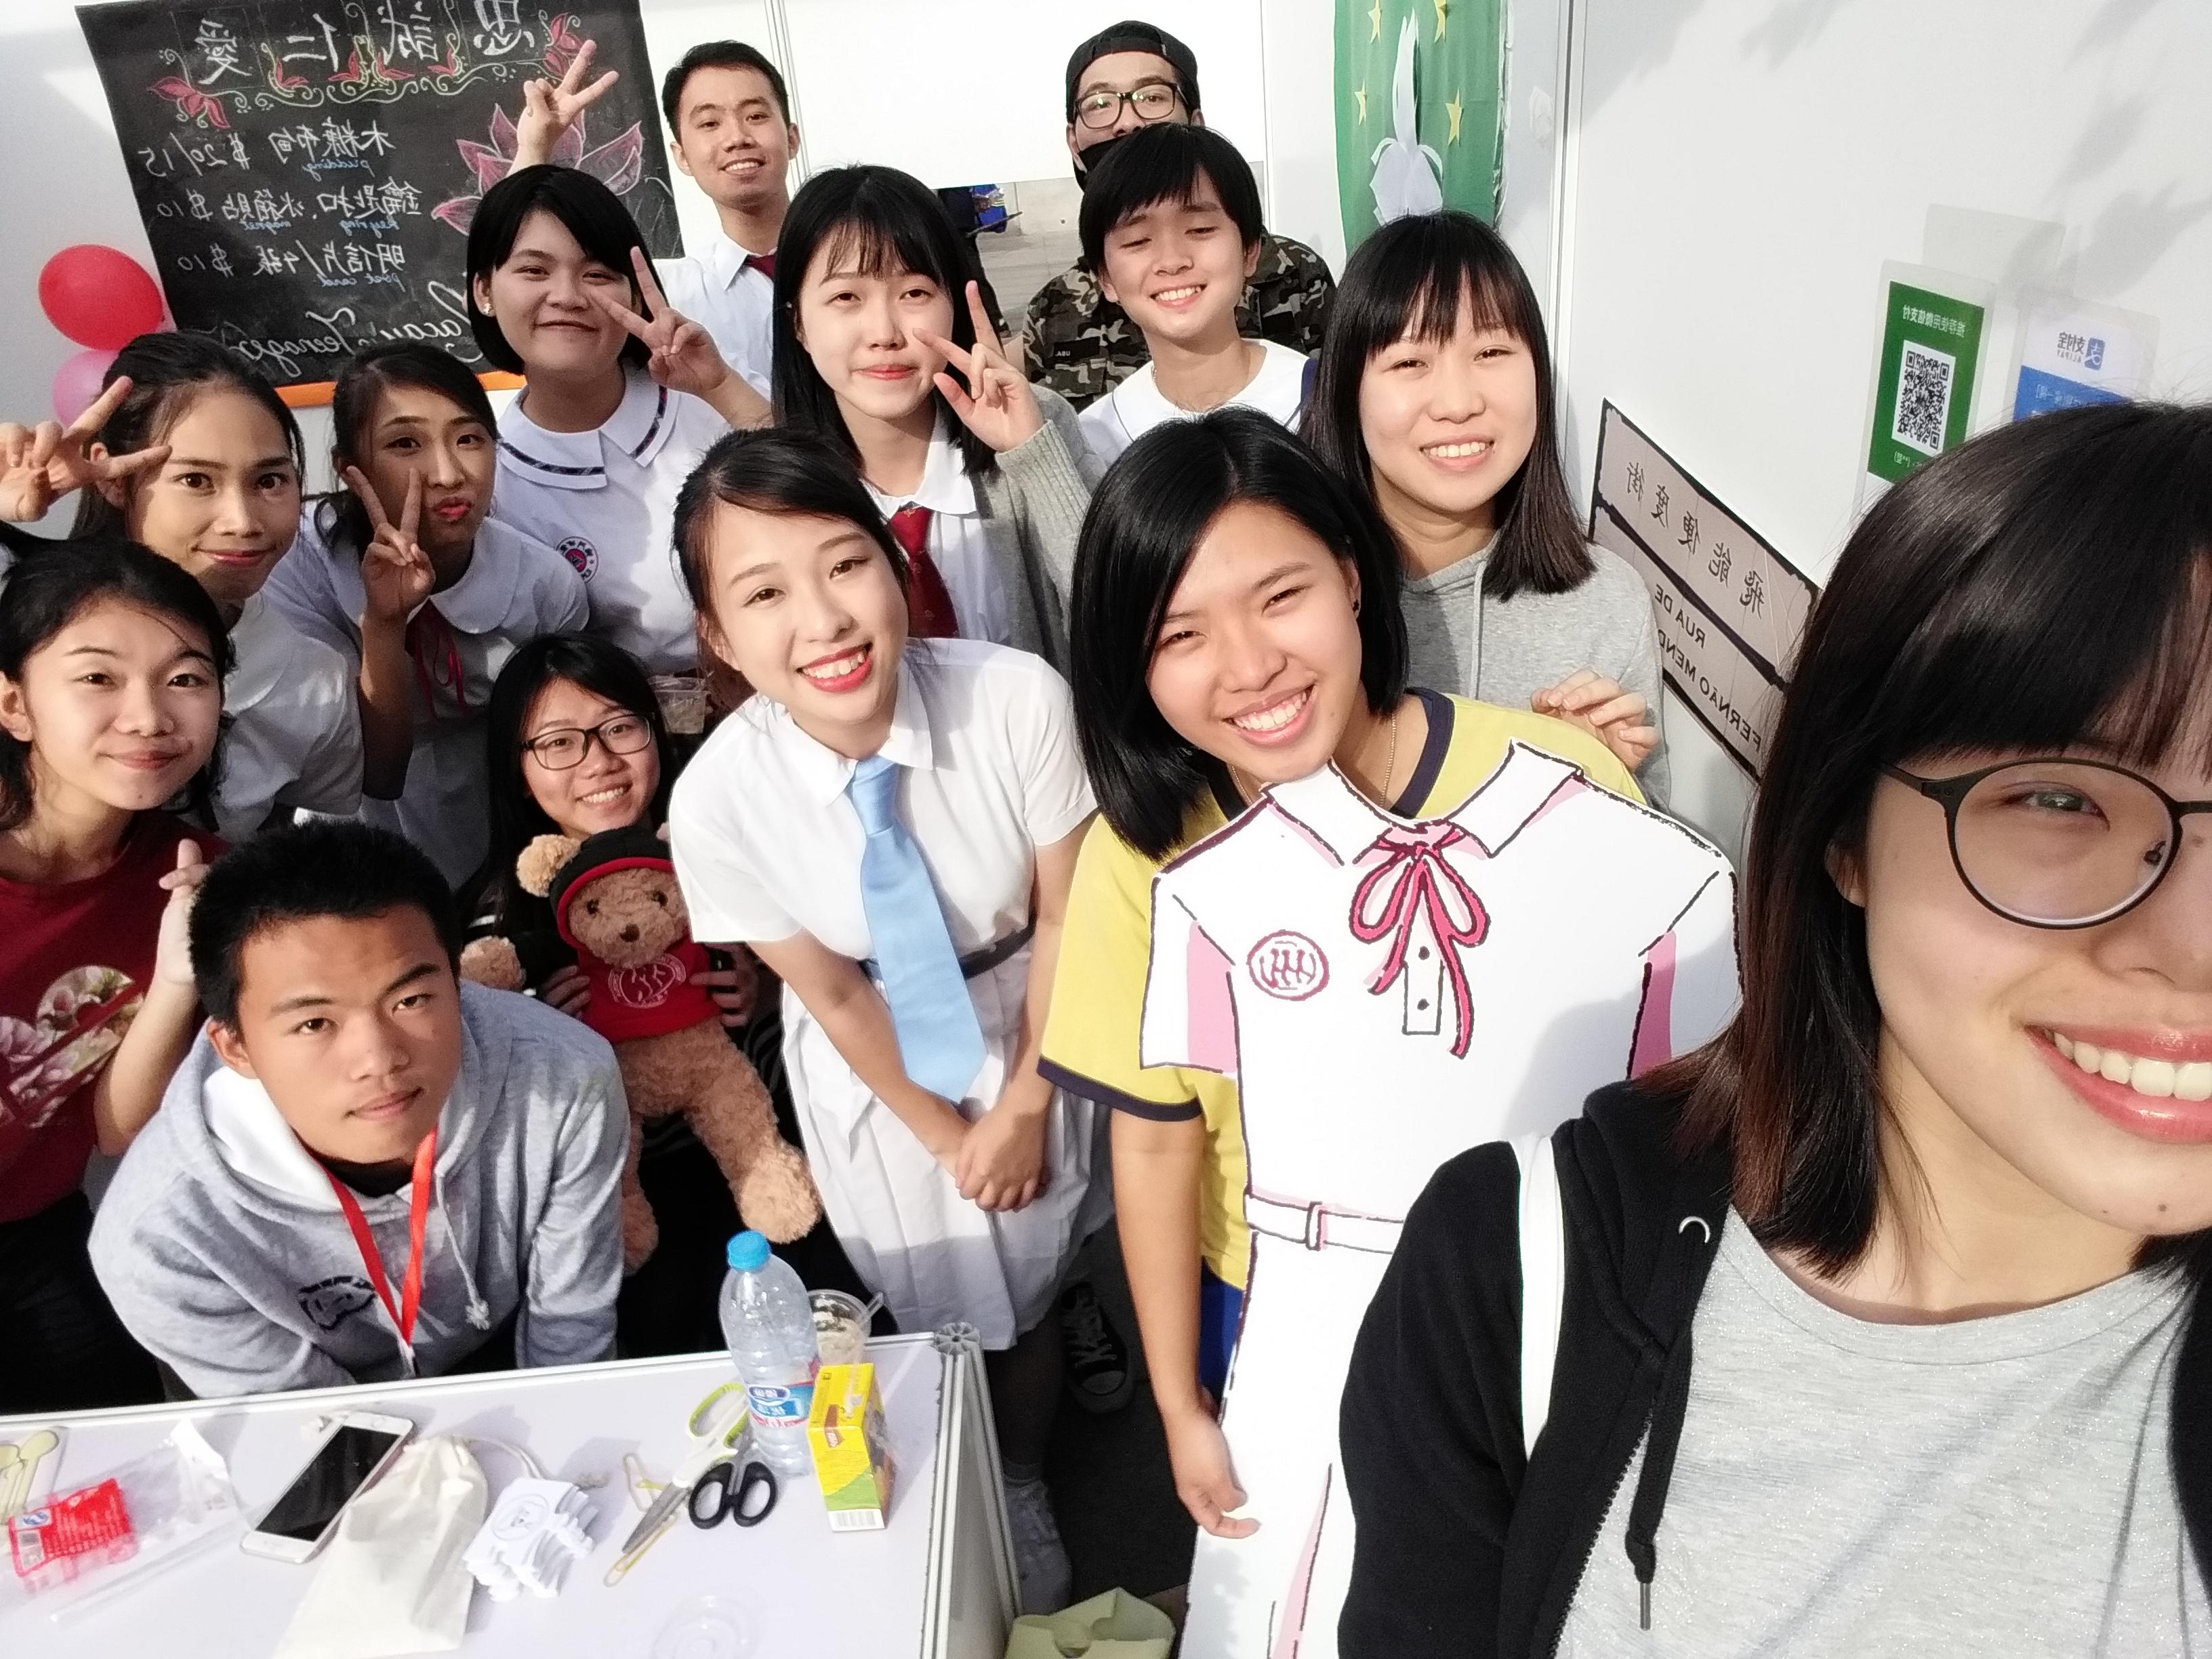 002_2017-2018學年人大國際文化日澳門攤位合照(相片由受訪者提供)